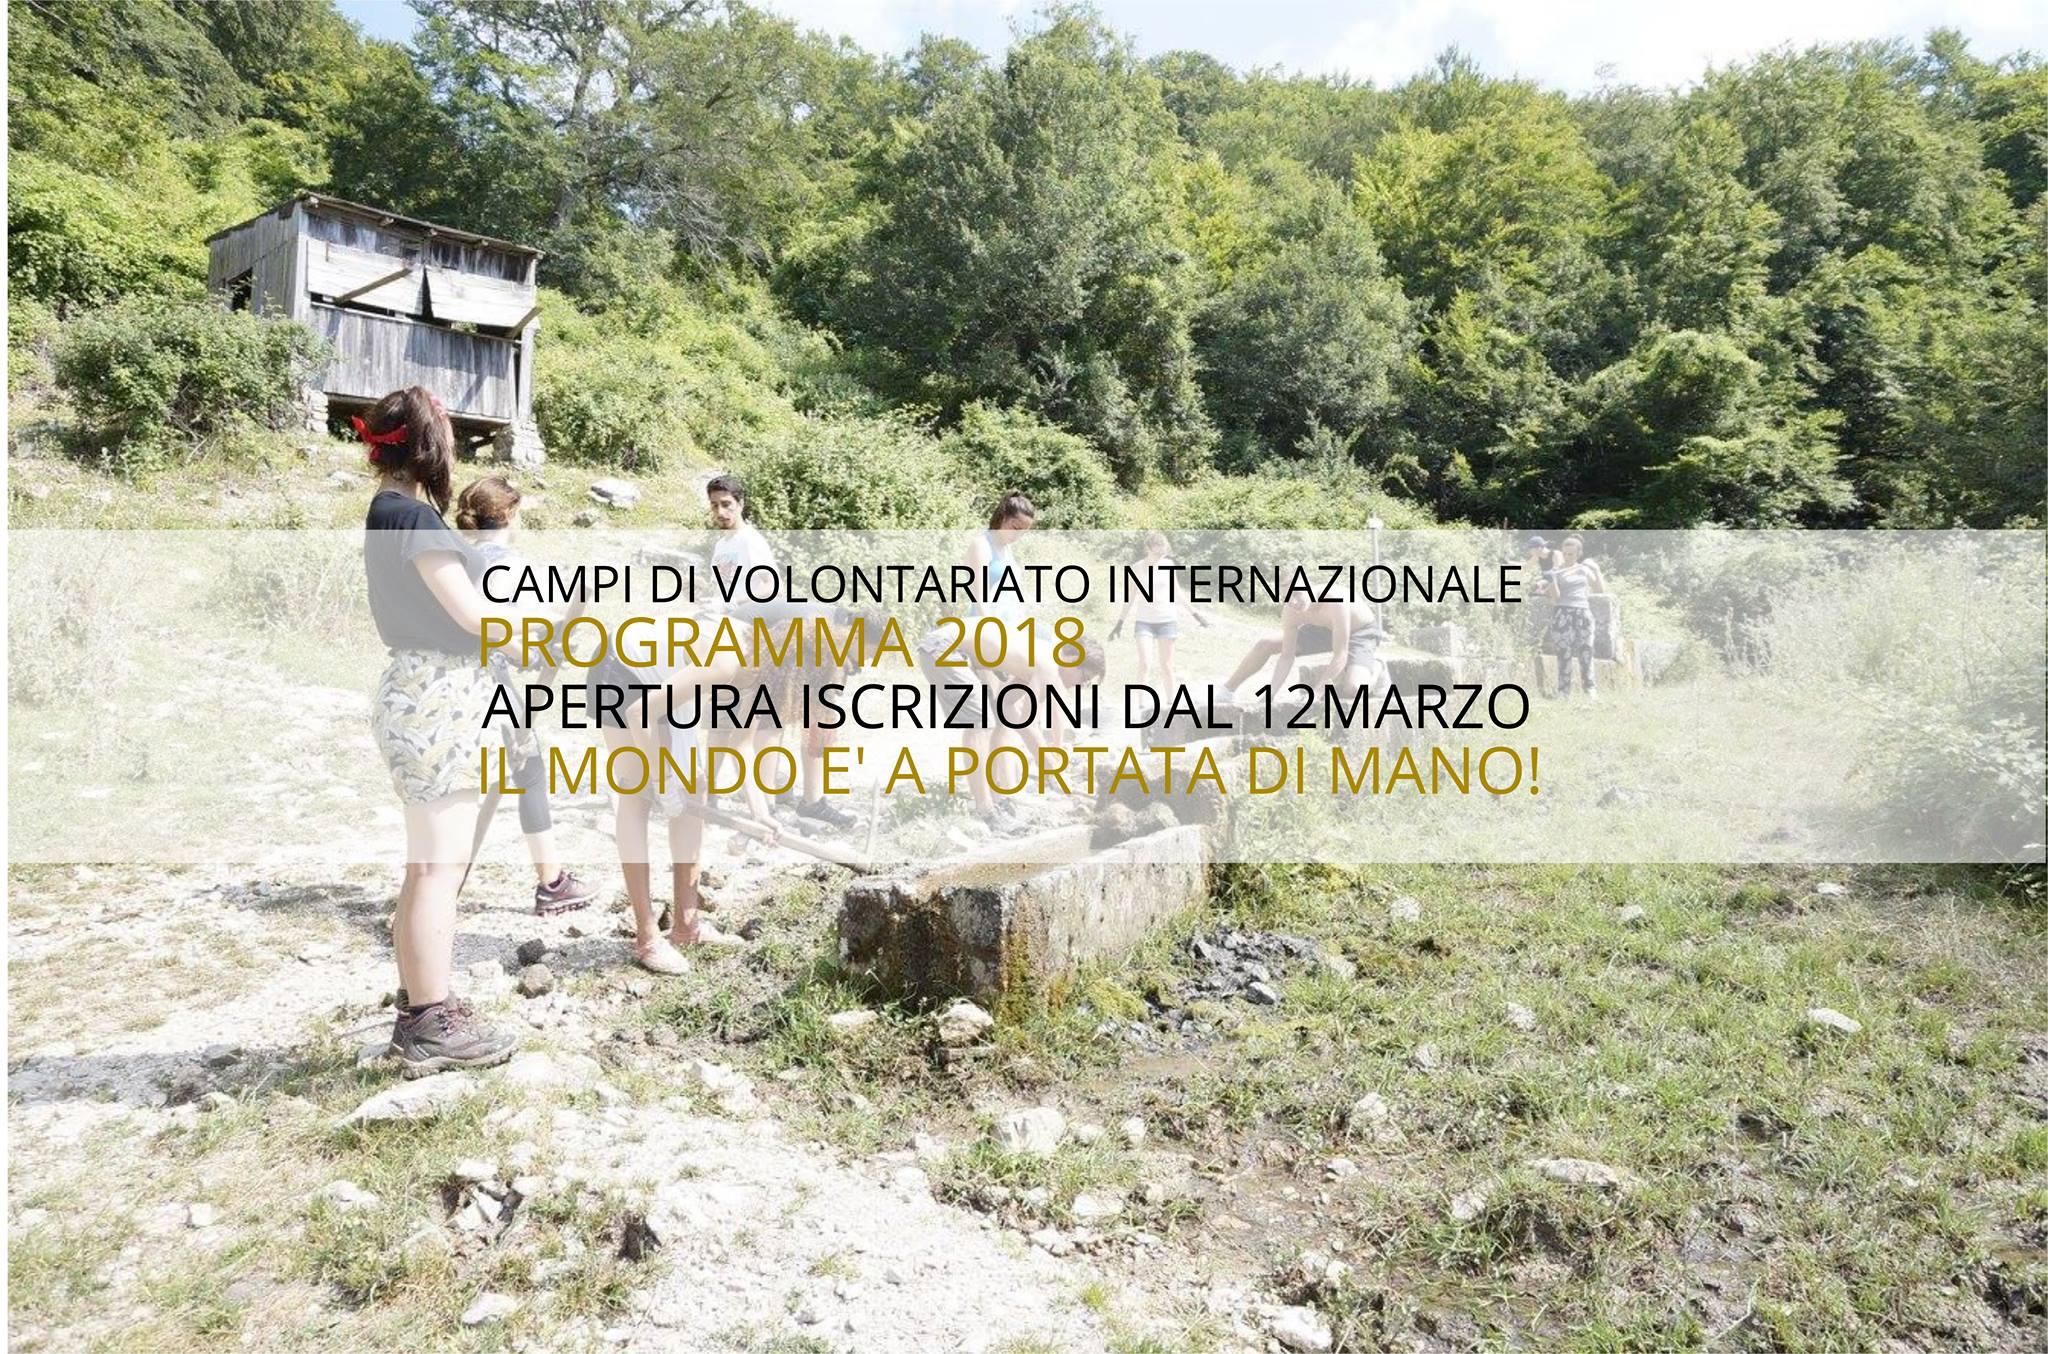 Aperte le iscrizioni ai workcamps internazionali Lunaria!